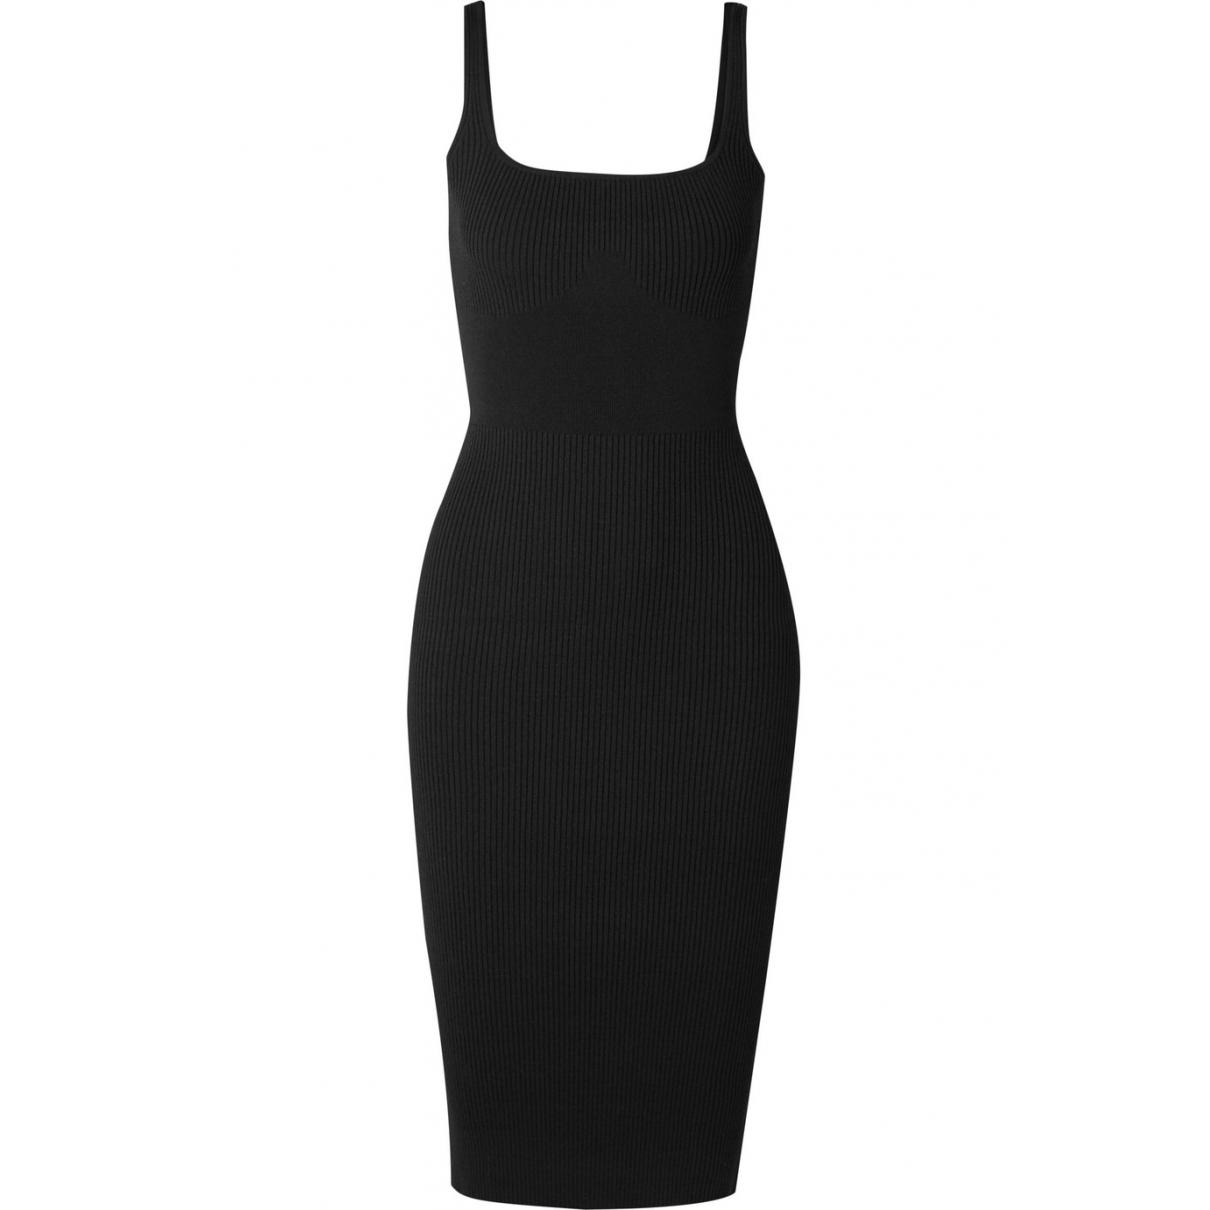 Dion Lee \N Black dress for Women 10 UK